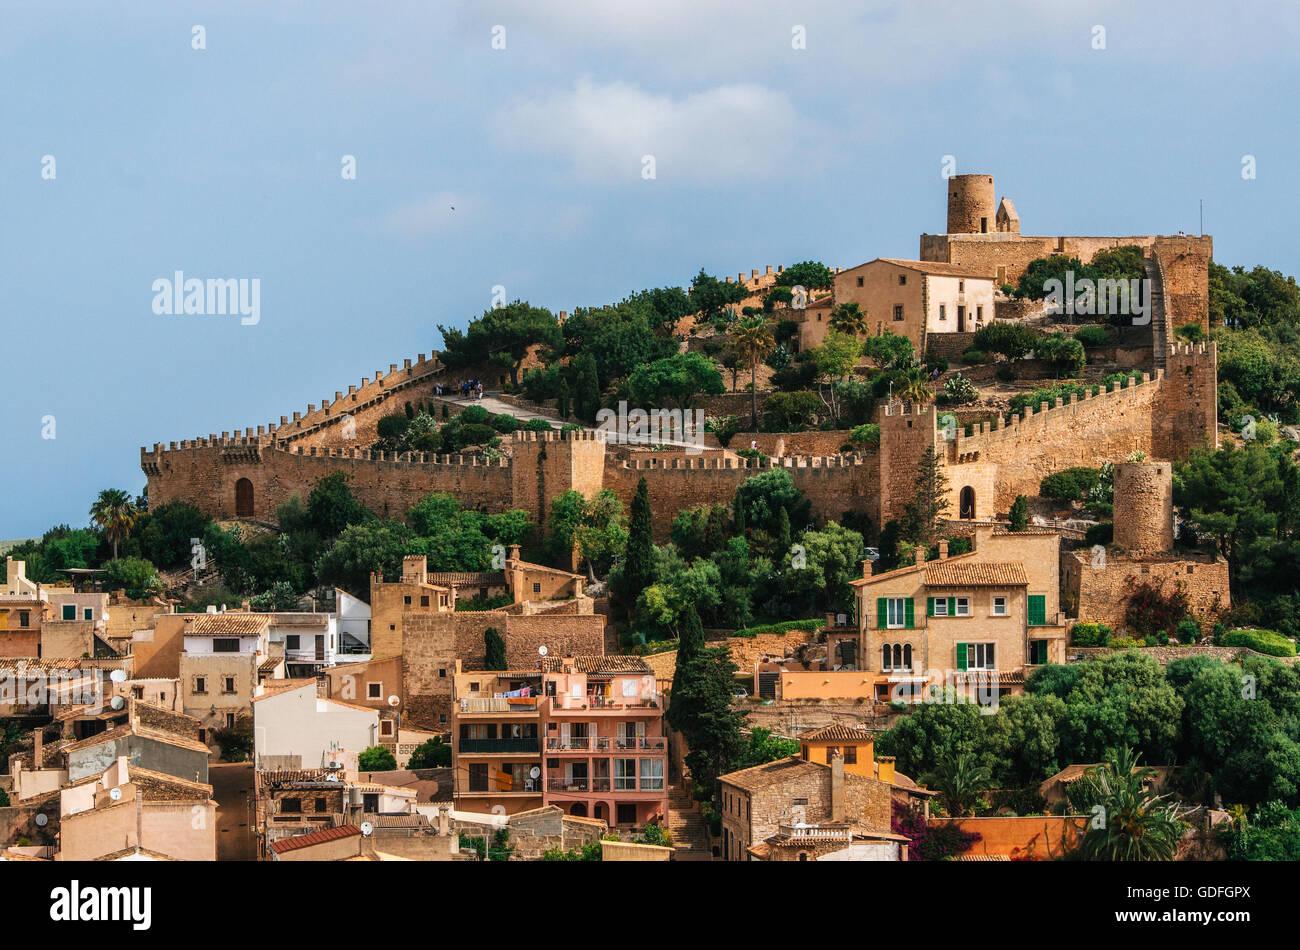 El castillo de Capdepera, en la verde colina en la isla de Mallorca, España. Hermoso paisaje con arquitectura Imagen De Stock